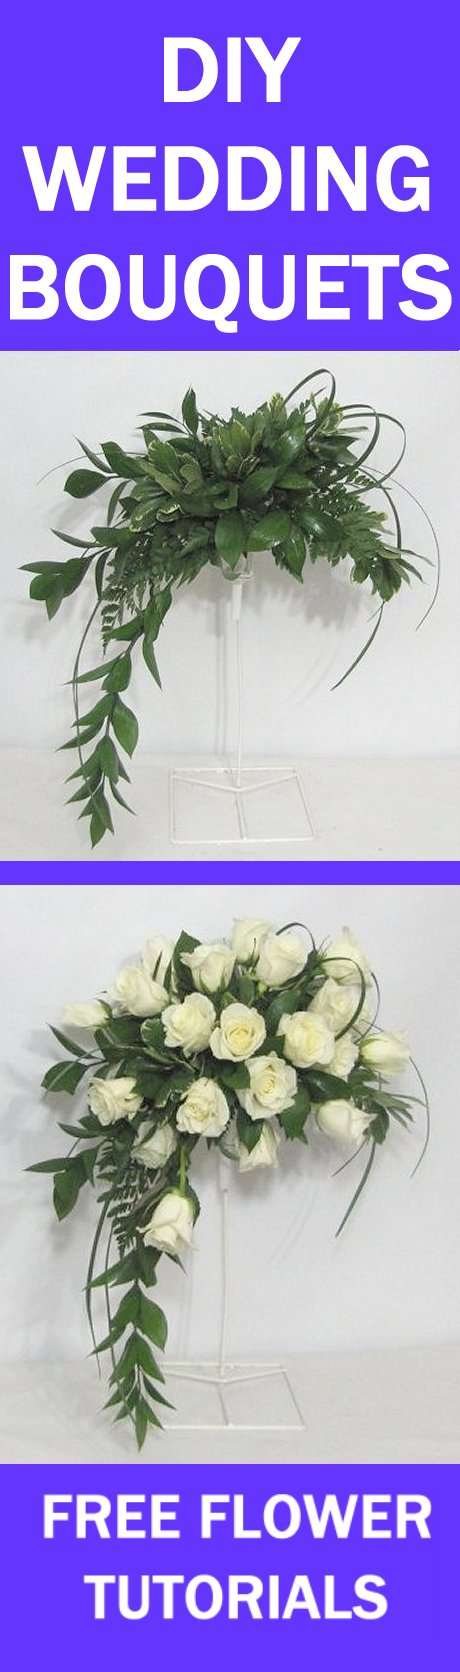 Wedding Flowers How To Keep Fresh : Fresh flower wedding bouquet easy diy tutorials